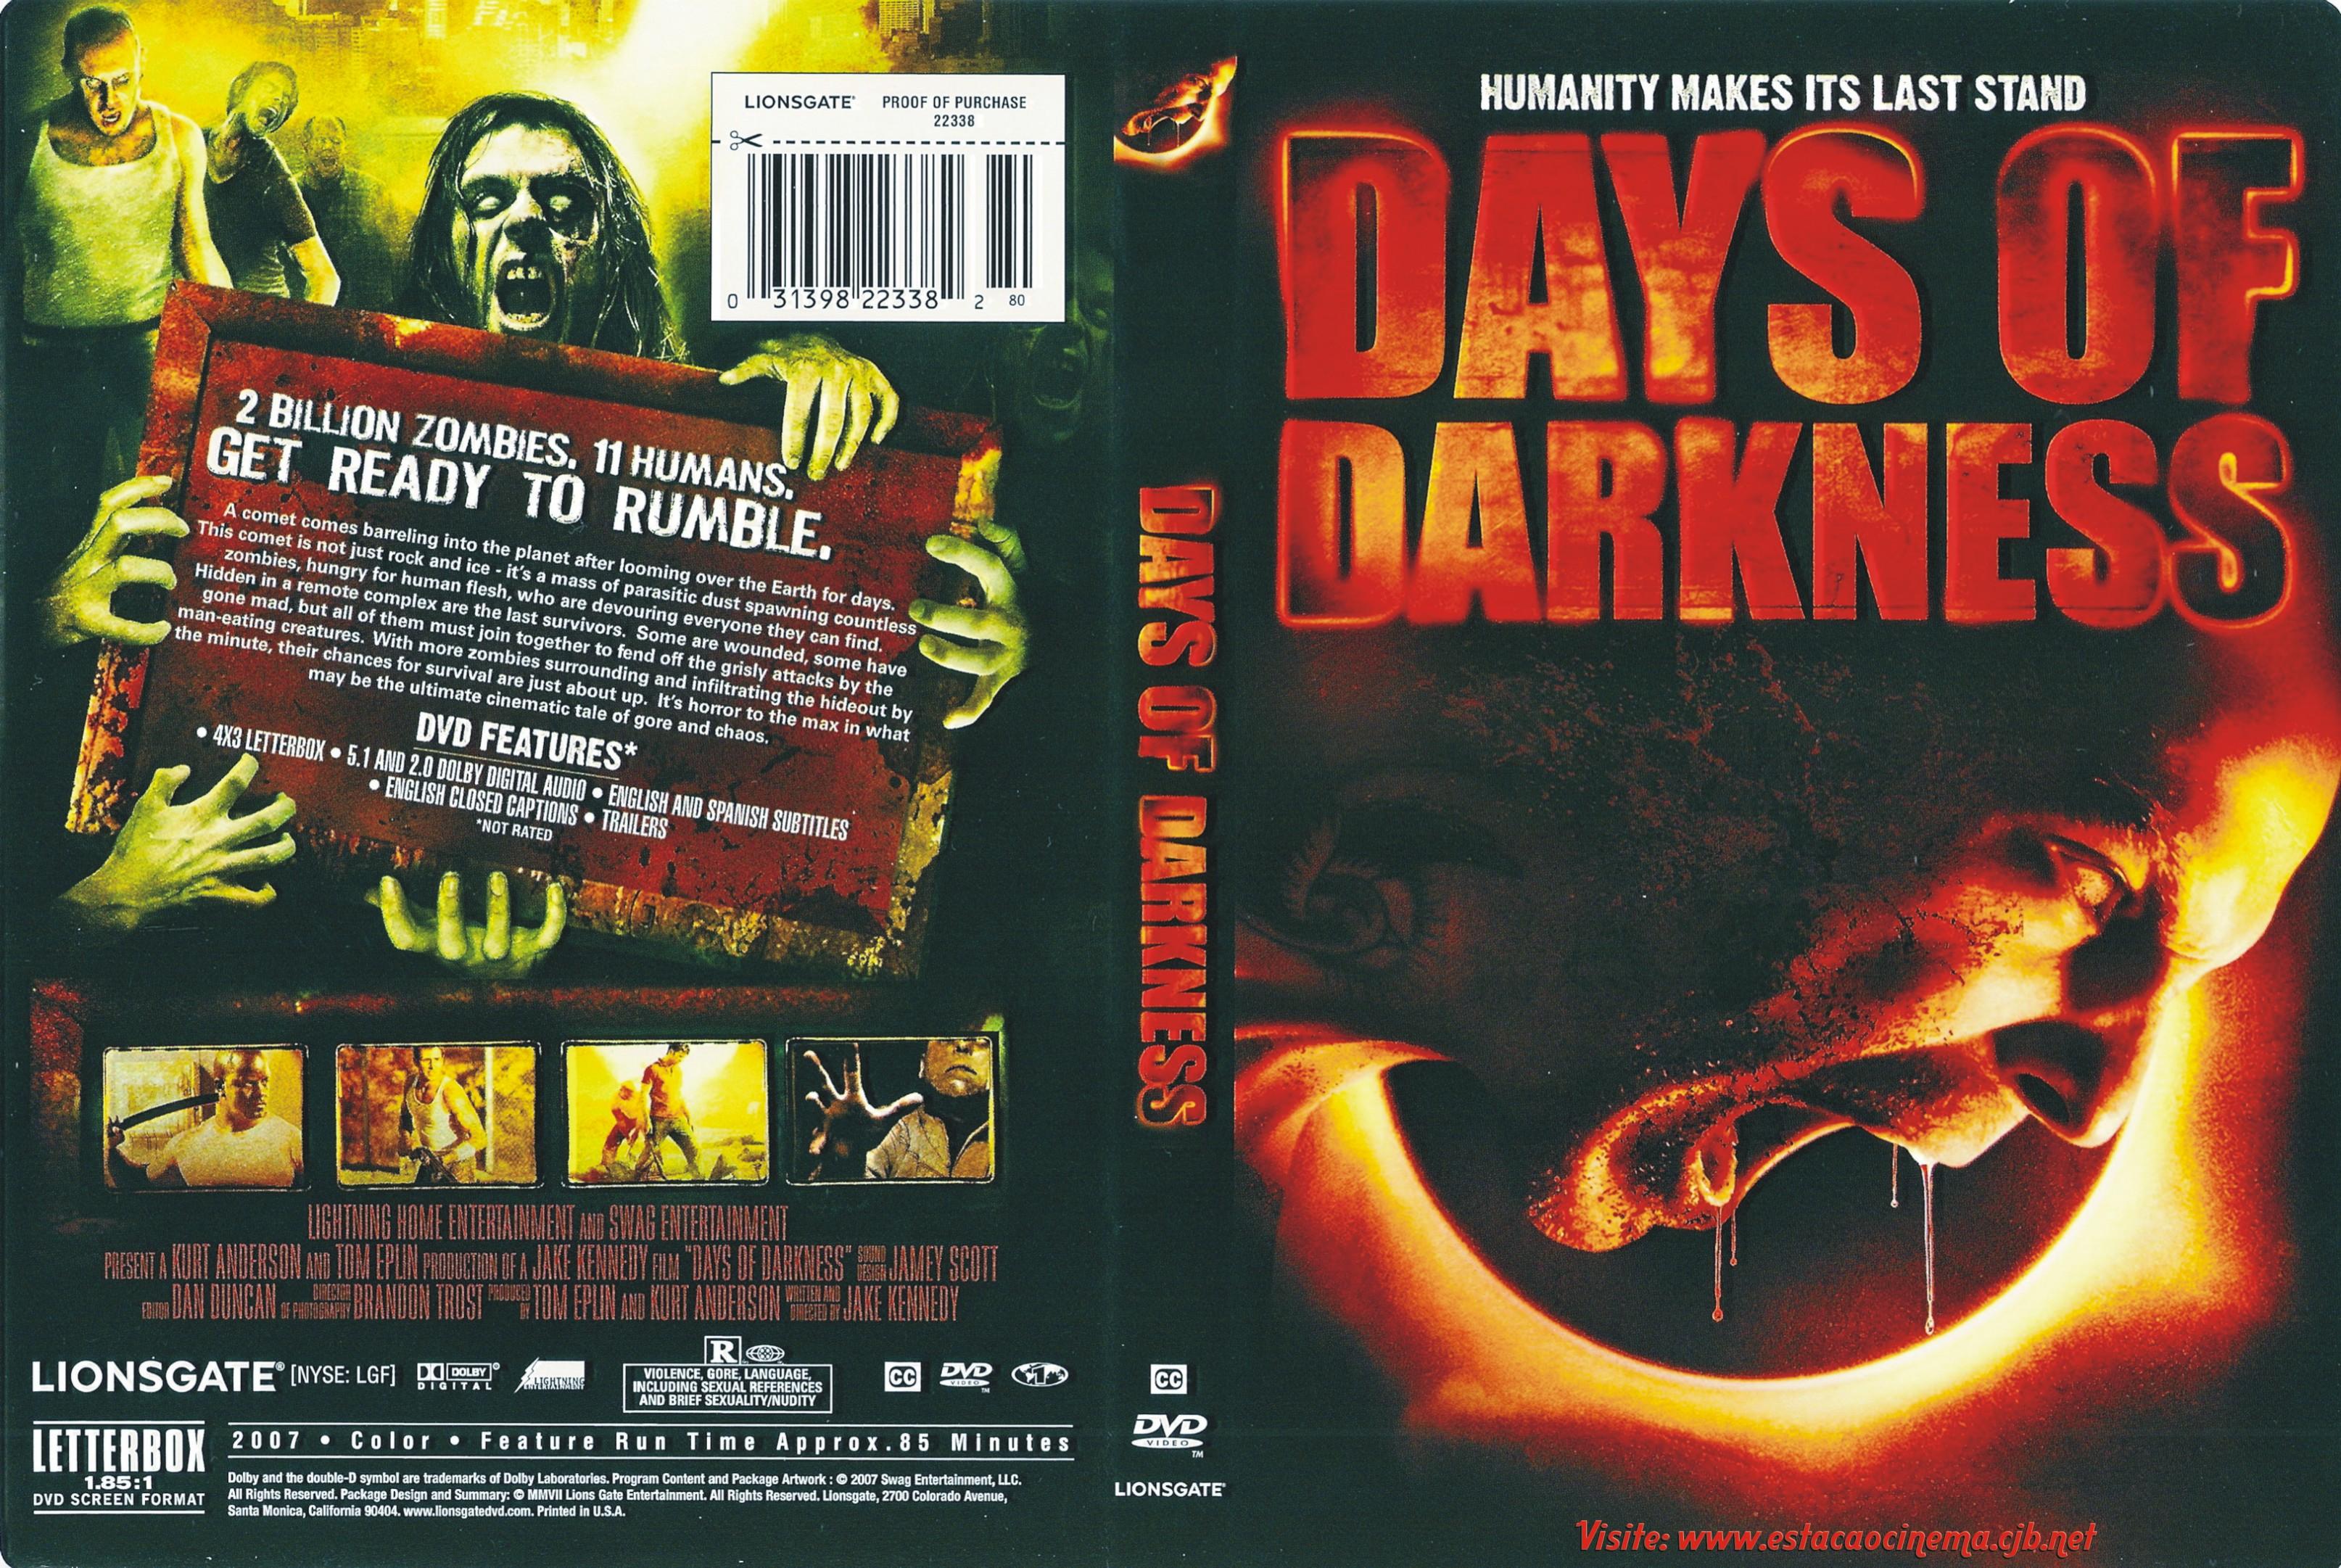 DaysOfDarkness